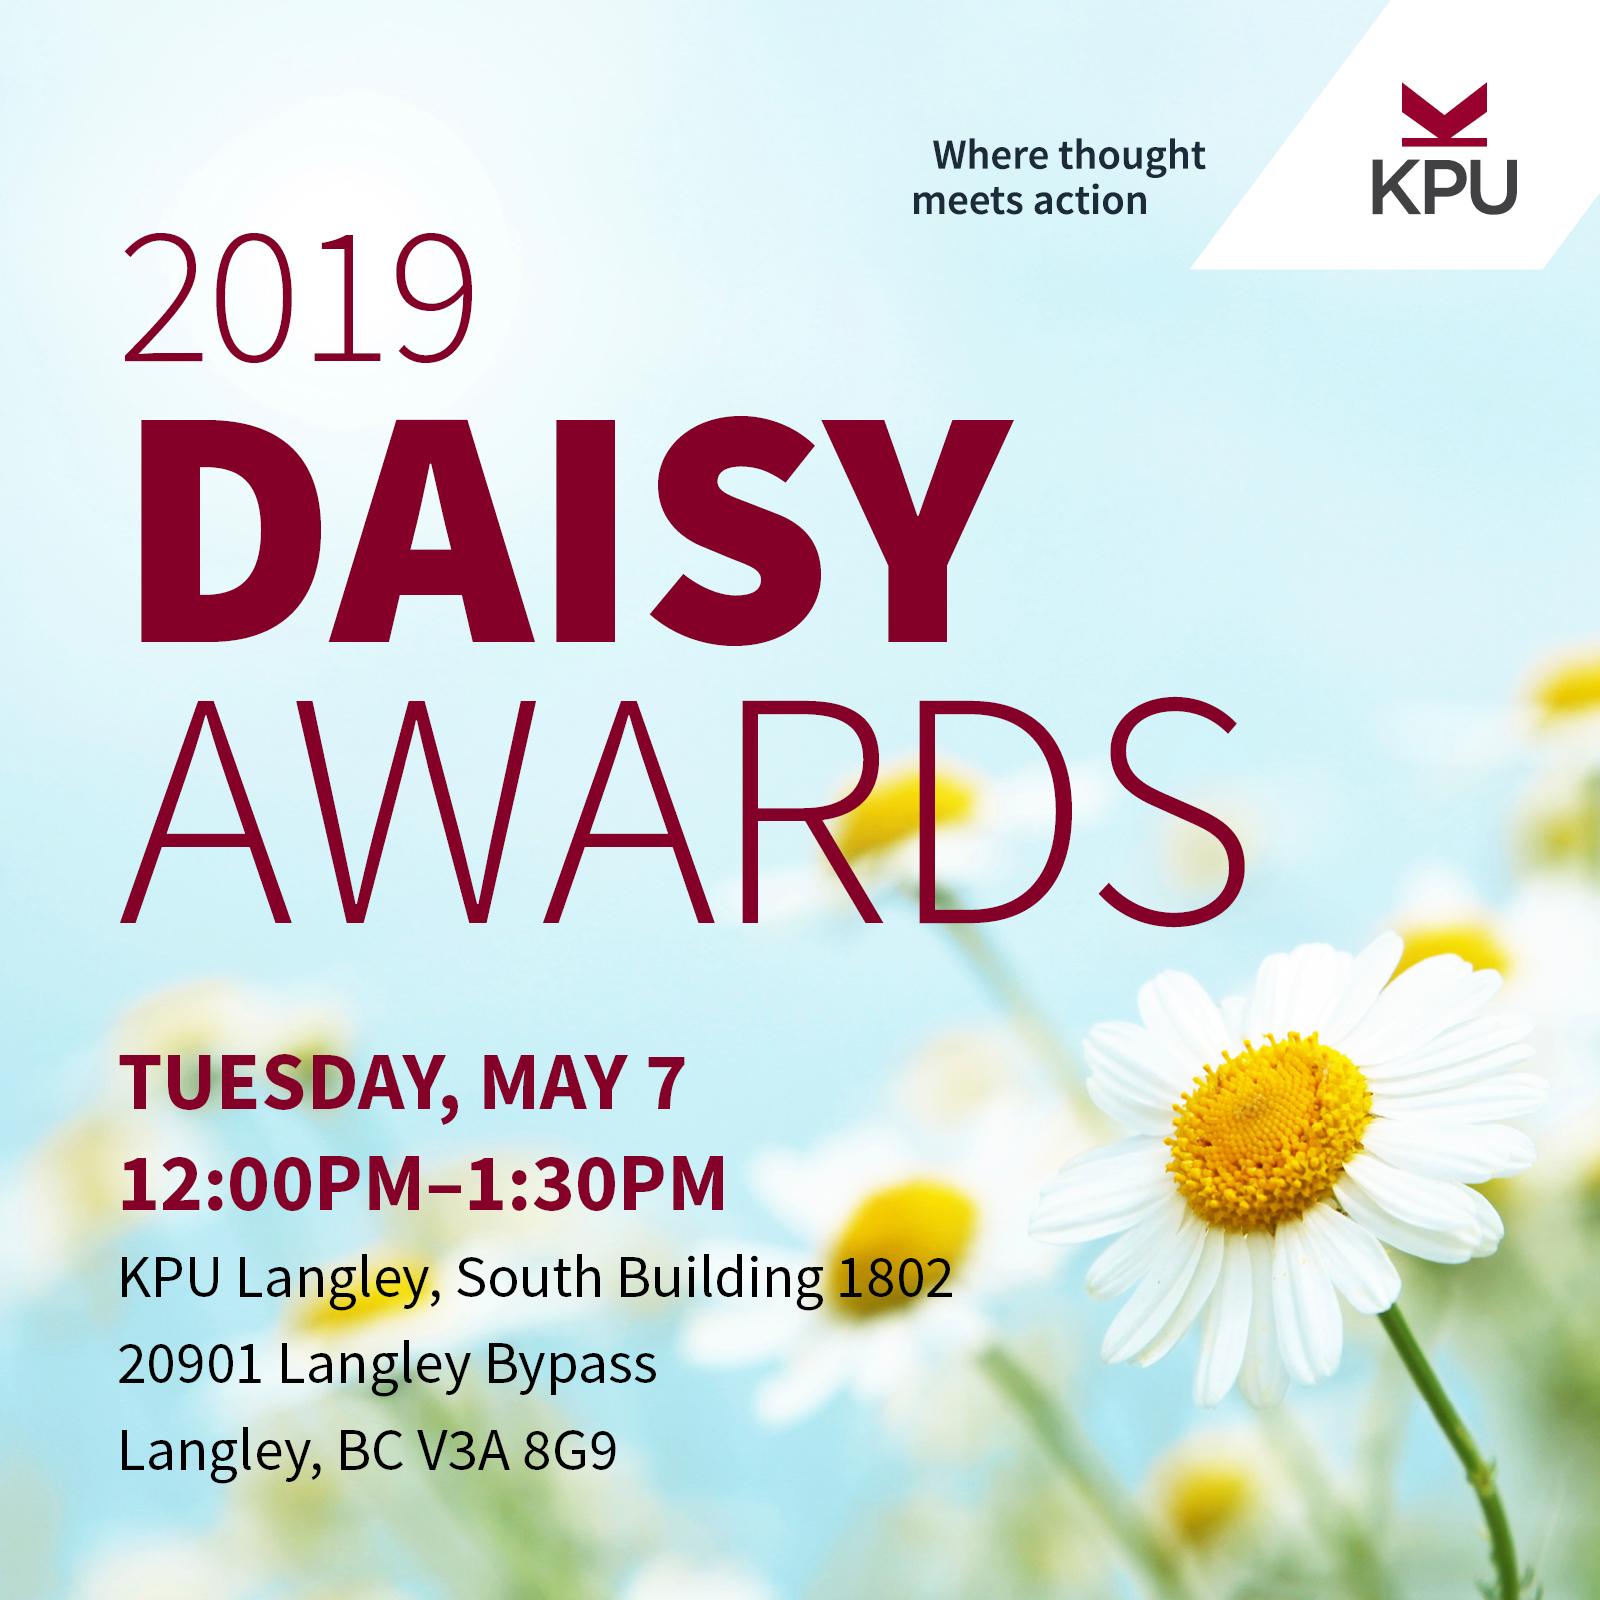 daisy 2019